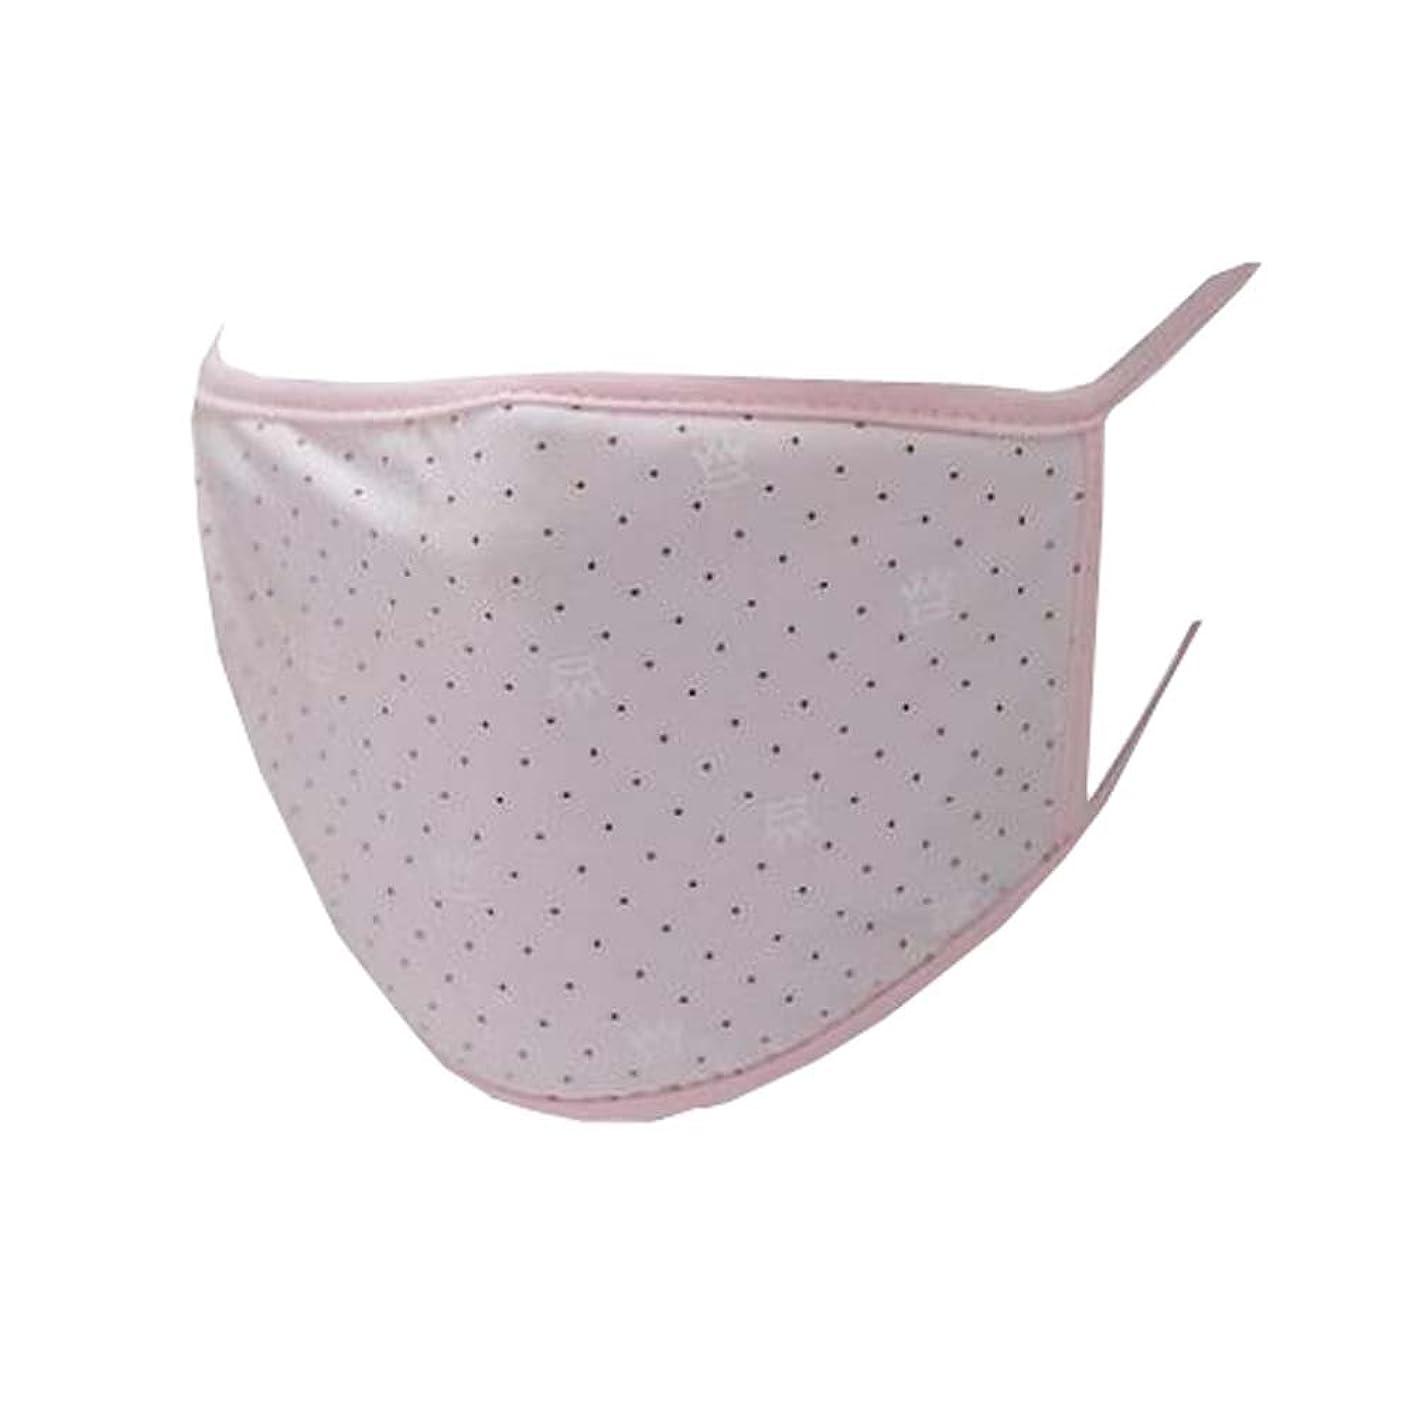 メタン硫黄操作可能口マスク、再使用可能フィルター - 埃、花粉、アレルゲン、抗UV、およびインフルエンザ菌 - A